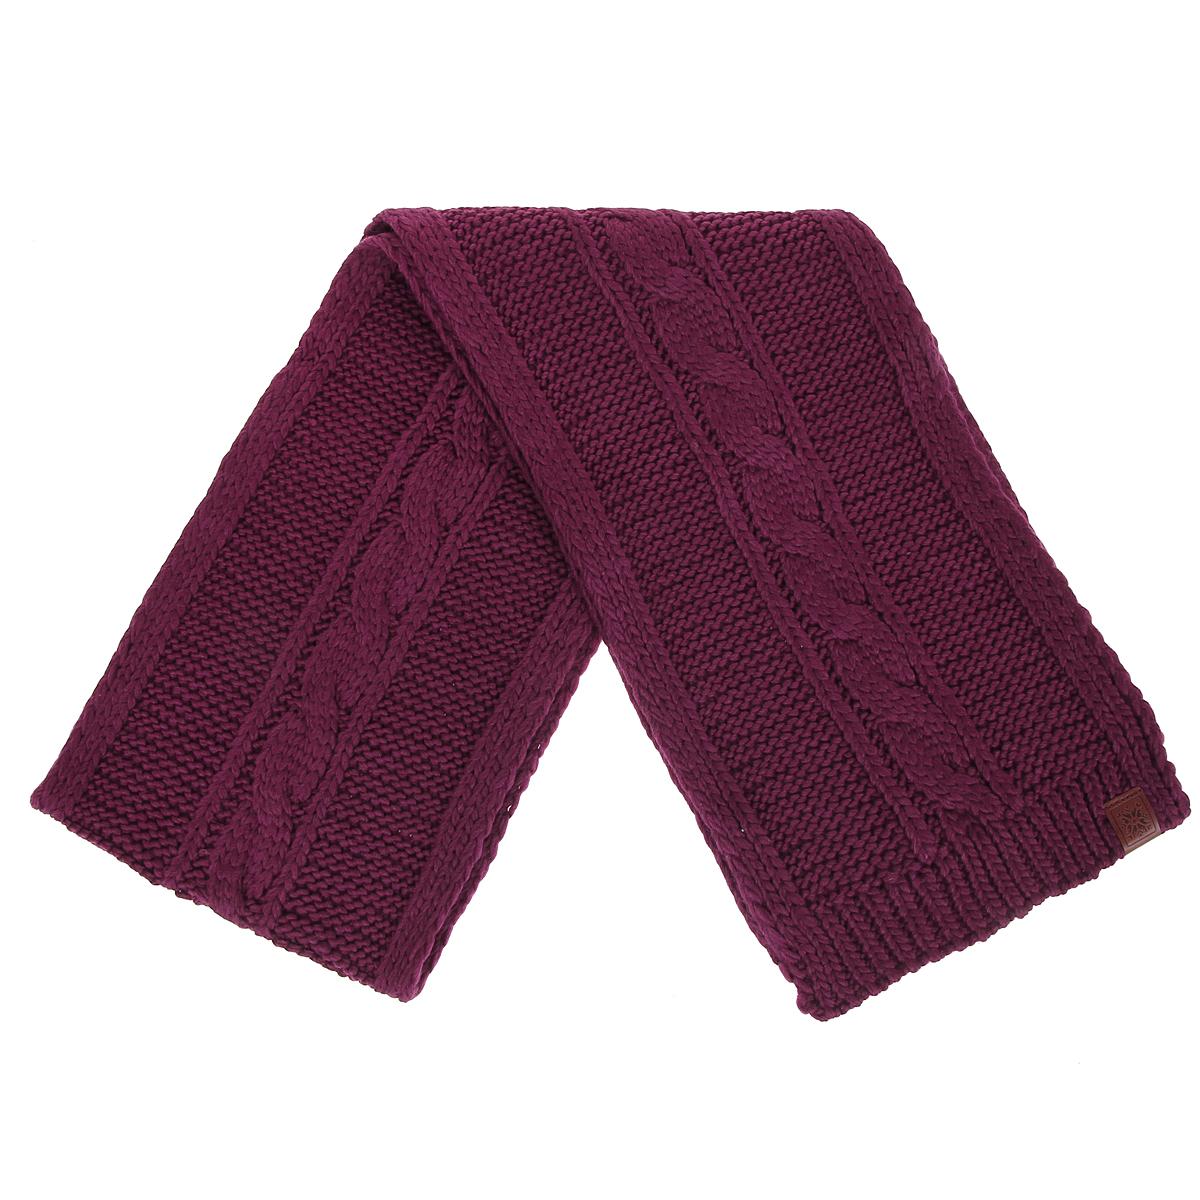 Шарф43622Вязаный шарф Marhatter согреет в холодное время года, а также станет изысканным аксессуаром, который призван подчеркнуть индивидуальность и стиль каждой женщины. Шарф изготовлен из шерсти и акрила, благодаря чему он максимально сохраняет тепло. Шарф хорошо тянется и устойчив к сминанию. Шарф украшен вязаным узором. Этот модный аксессуар женского гардероба гармонично дополнит образ современной женщины, следящей за своим имиджем и стремящейся всегда оставаться стильной и элегантной.